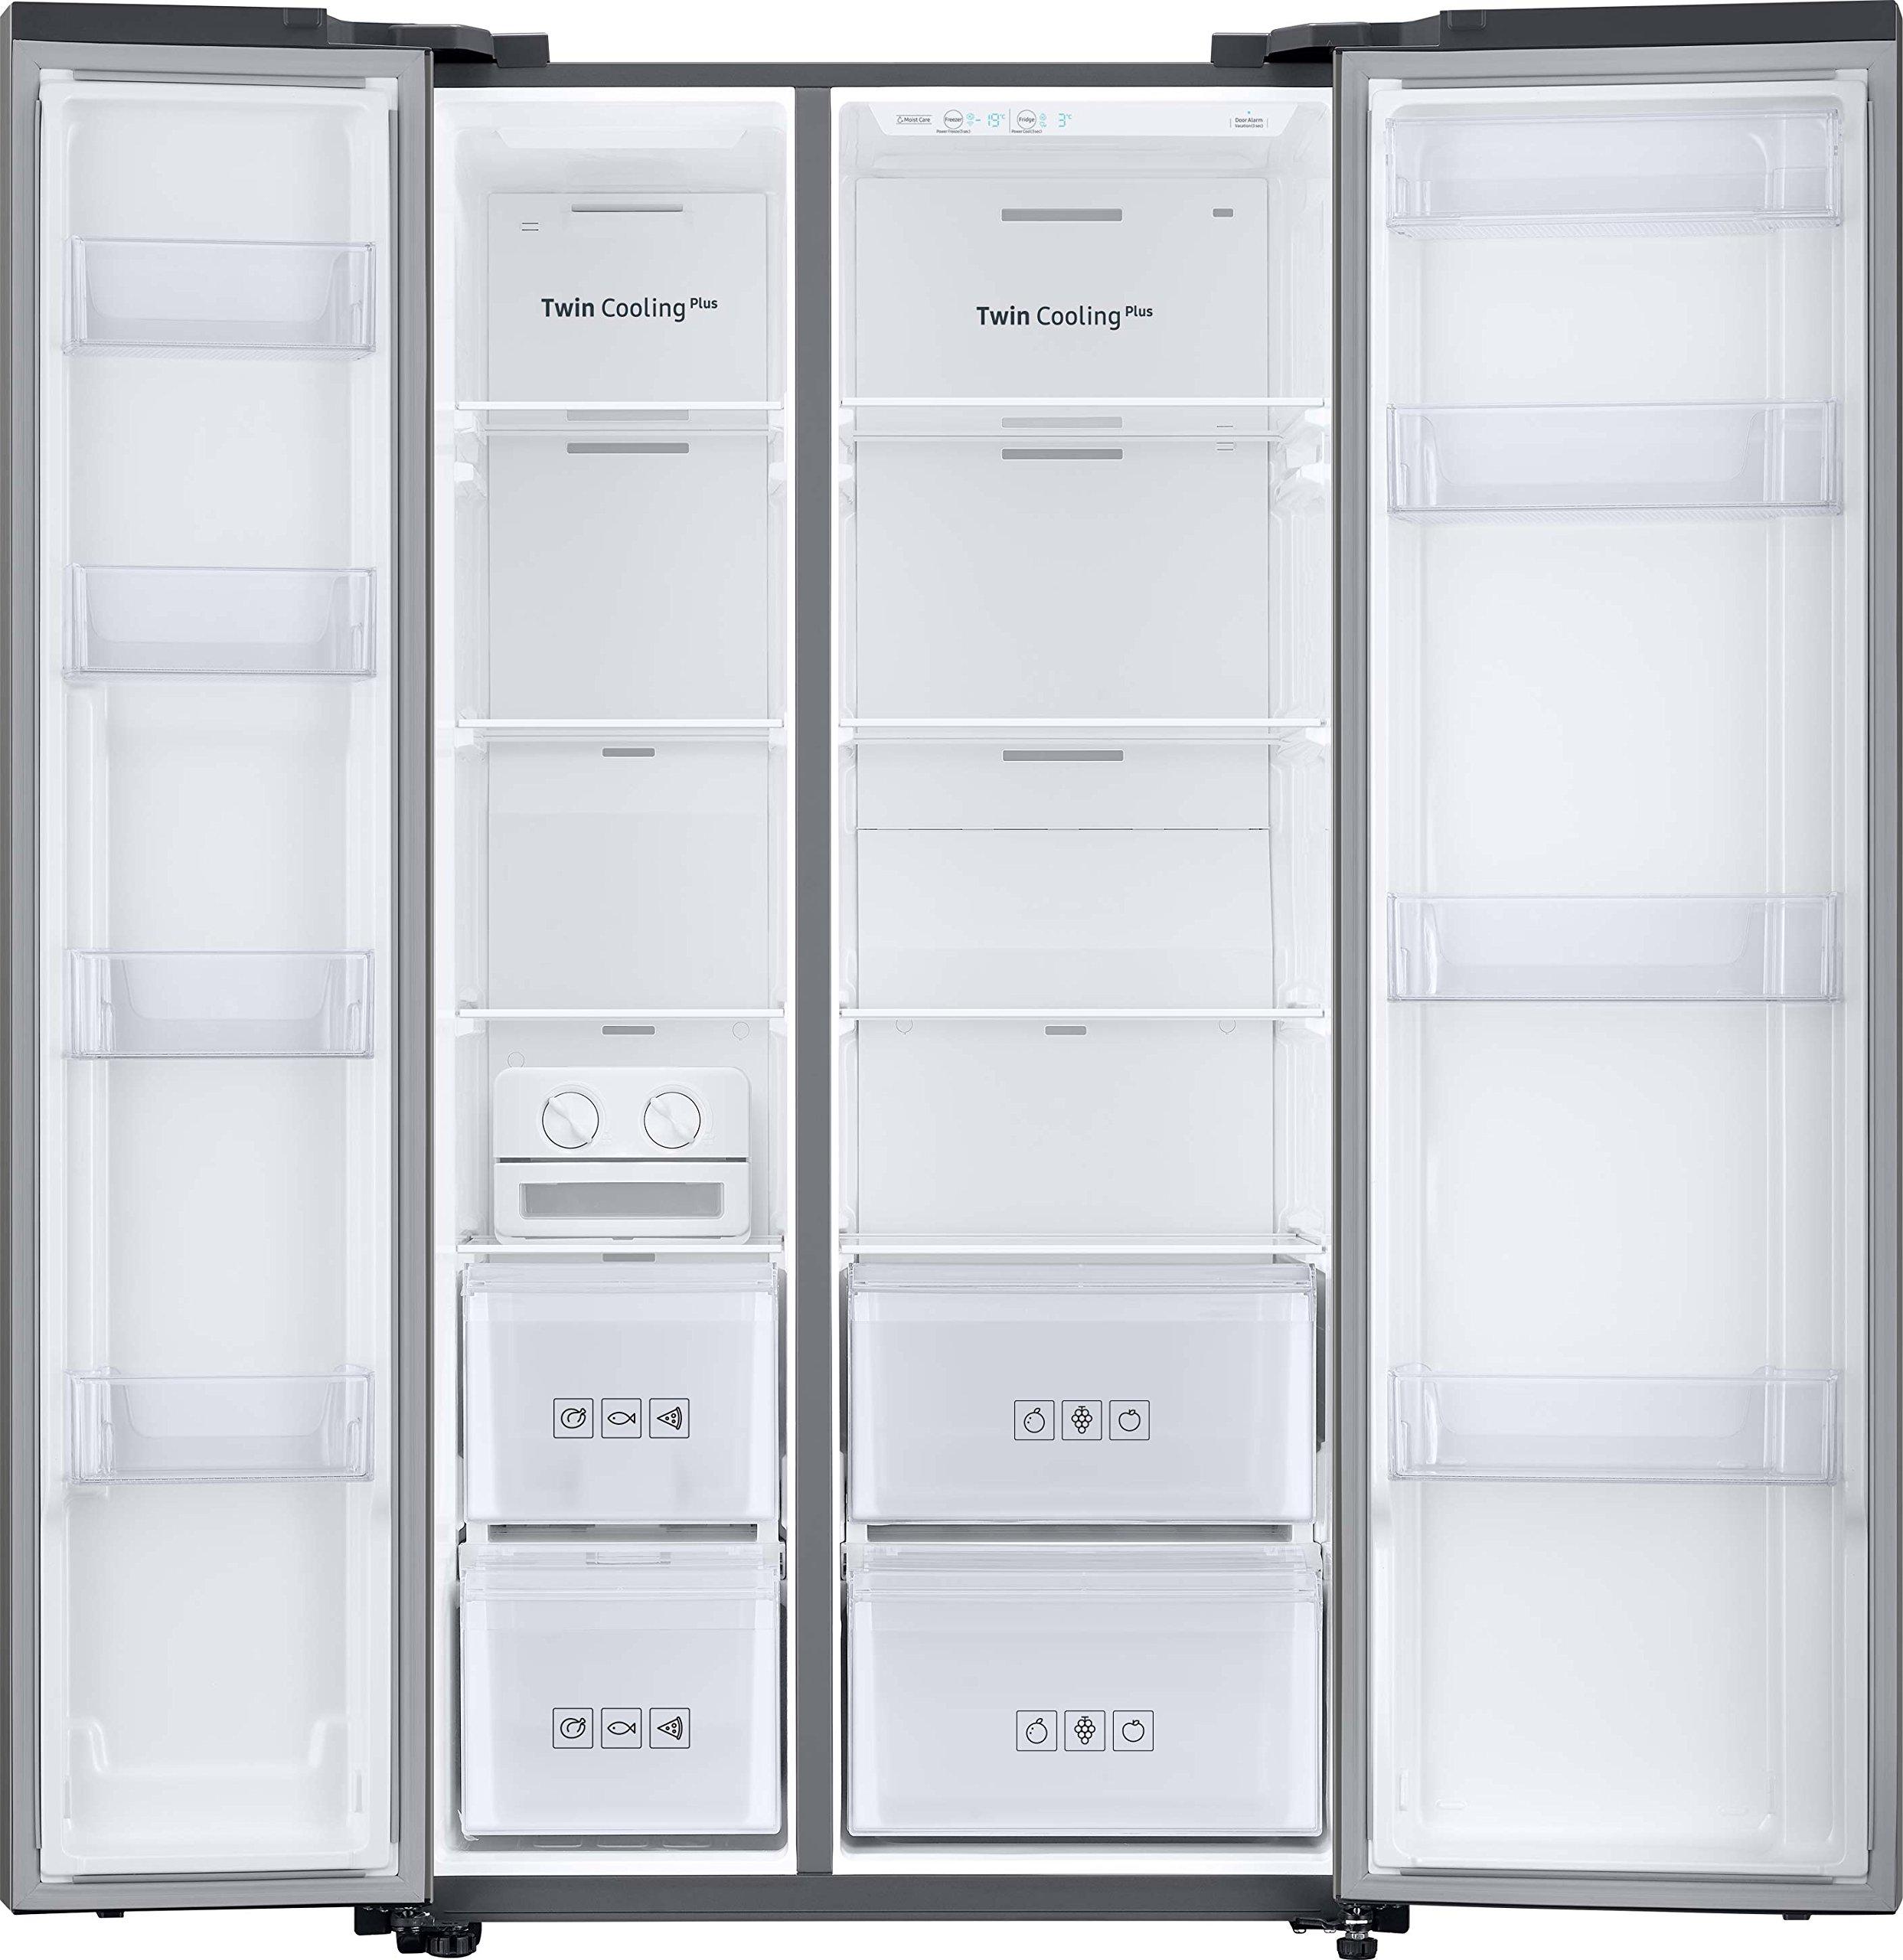 Samsung RS8000 RS6KN8100S9/EG Side-by-Side Kühlschrank/A+/420 kWh/Jahr/178 cm Höhe/453 L Kühlteil/210 L Gefrierteil…